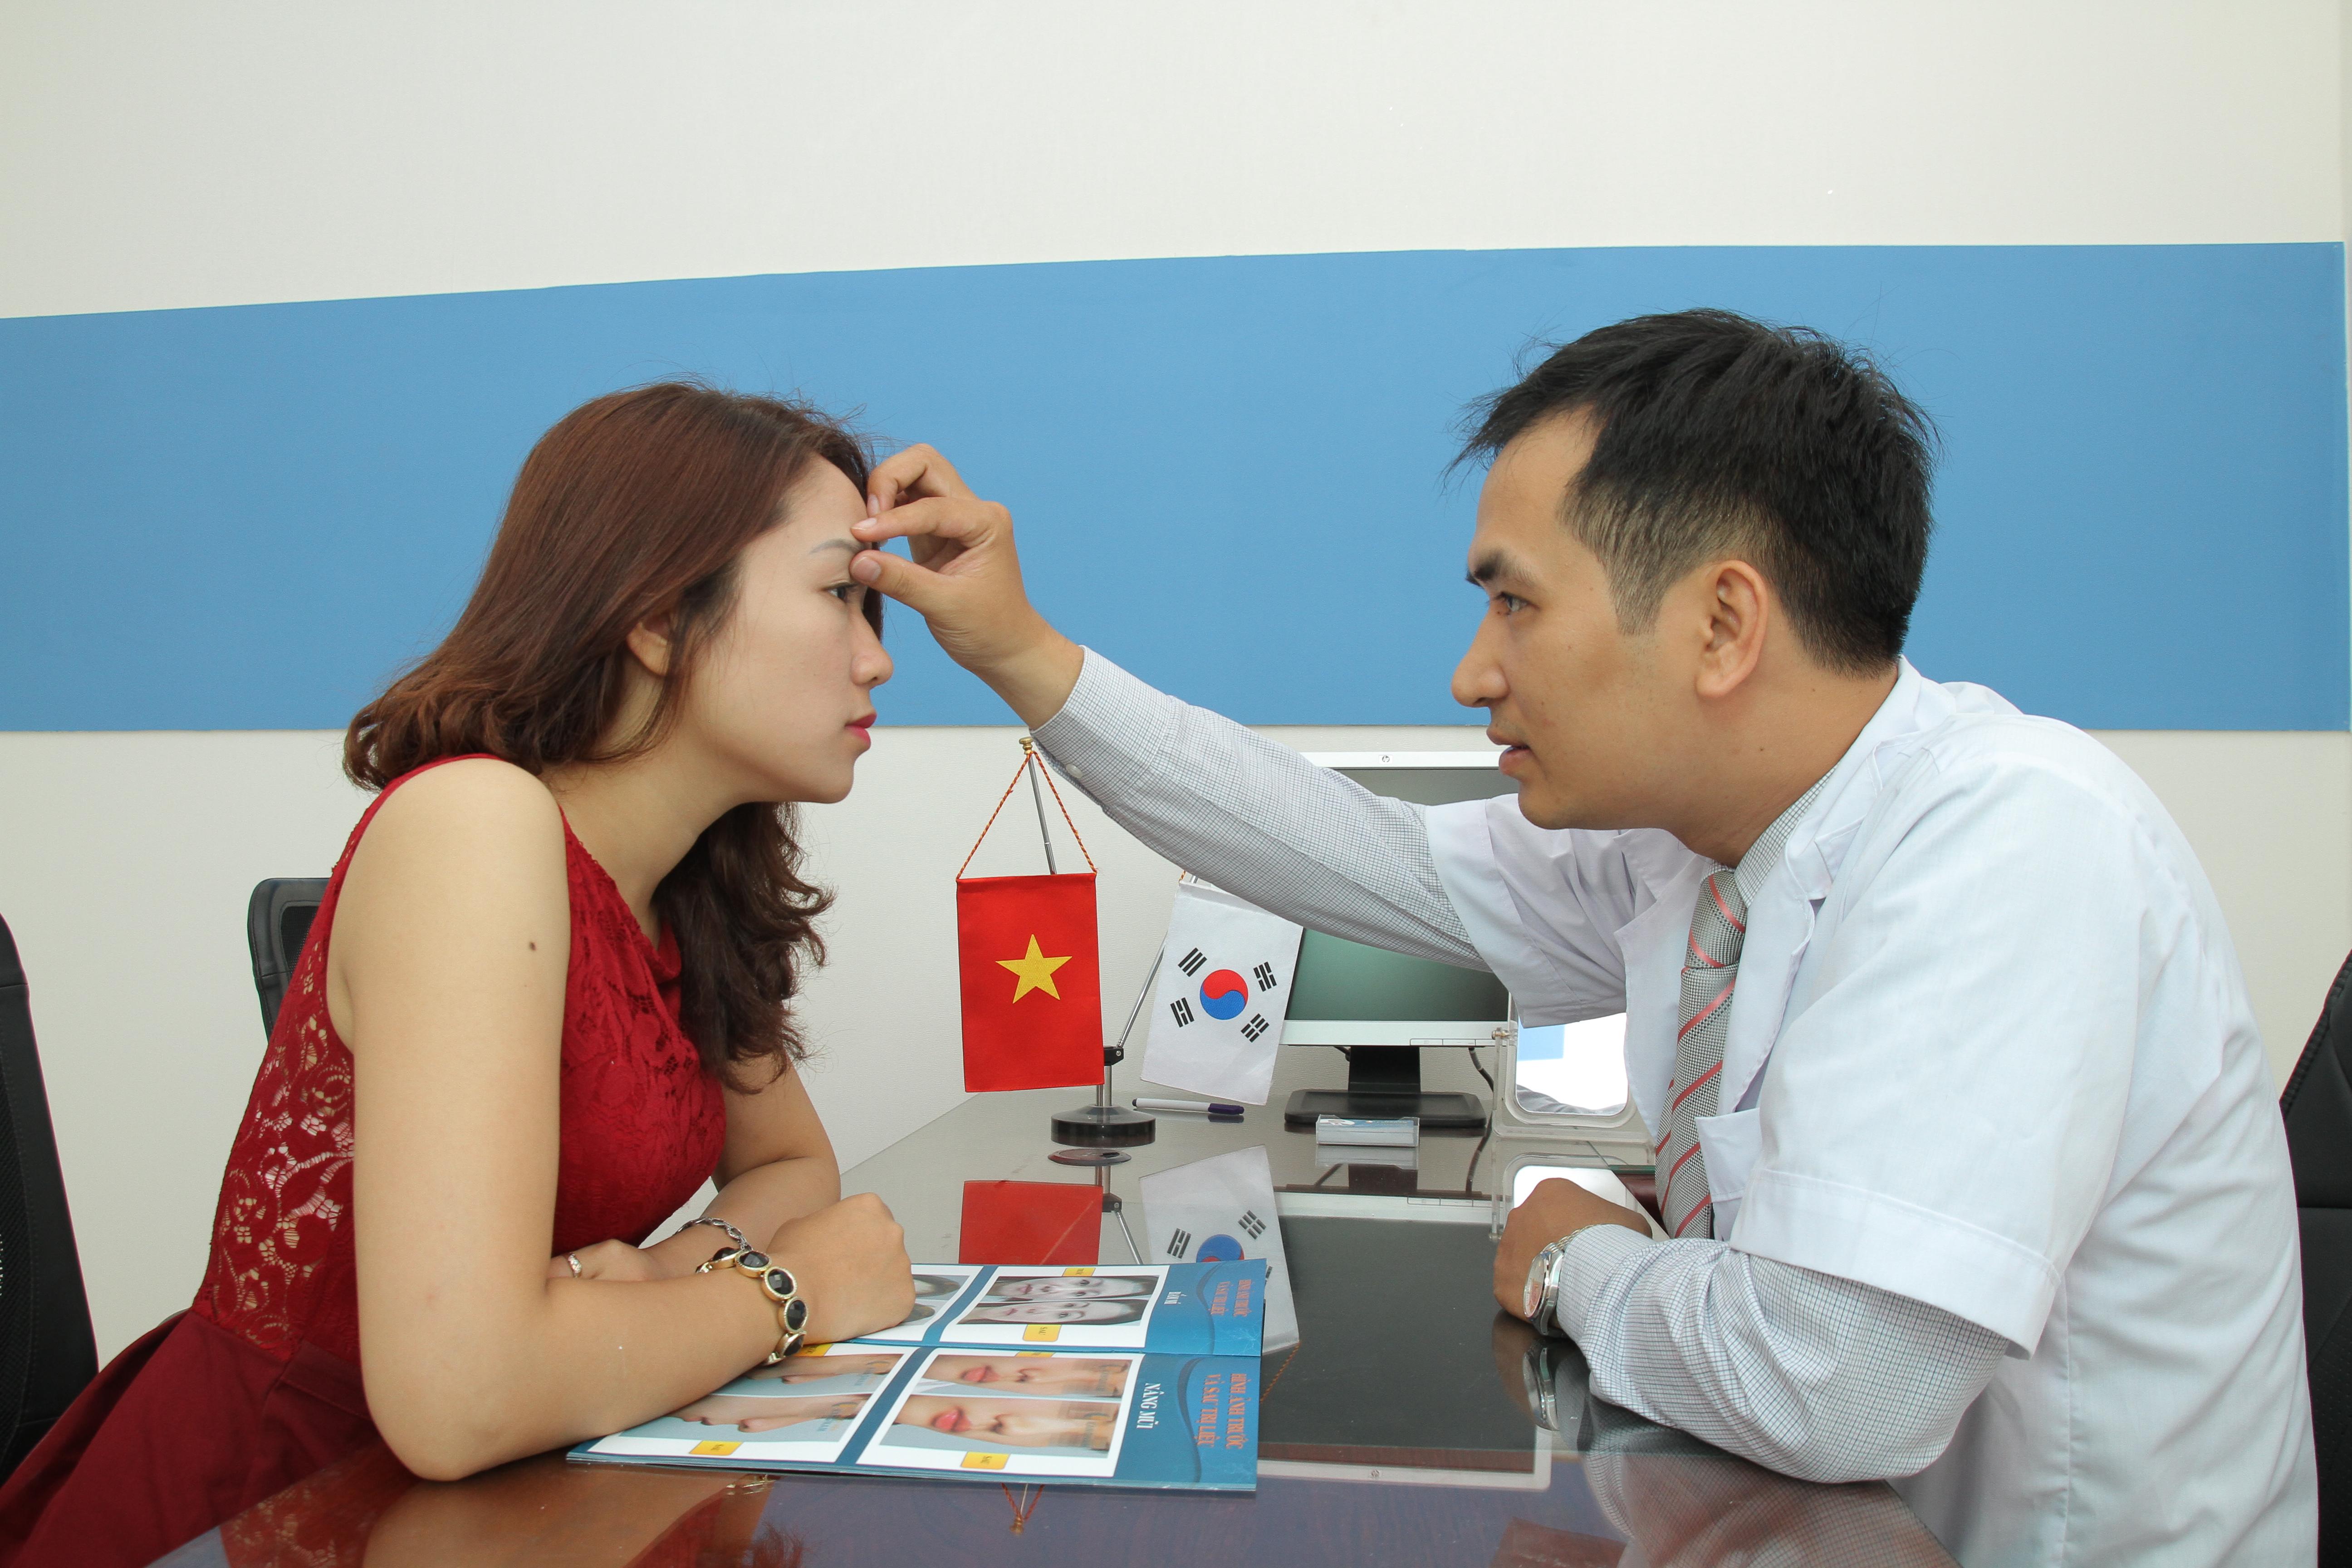 """Cơ hội miễn phí dịch vụ cắt mí mắt Hàn Quốc khi tham gia """"Hội yêu thích Thẩm mỹ Hàn Quốc"""" 3"""